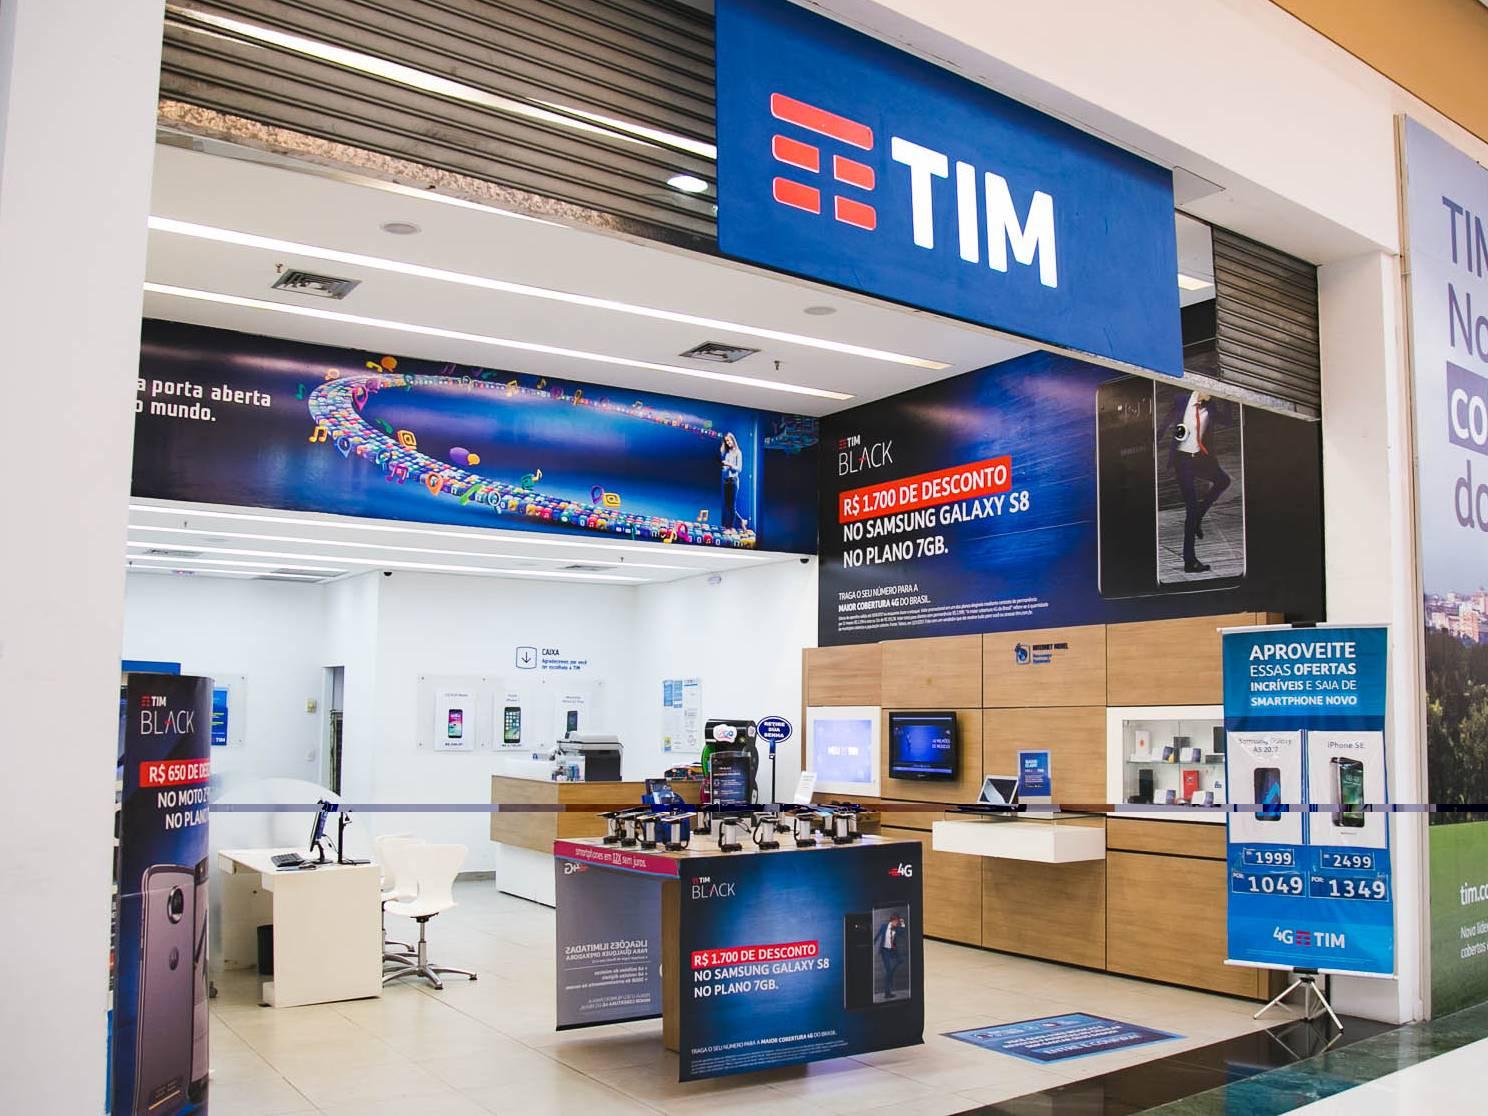 Tim Polo Shopping Indaiatuba